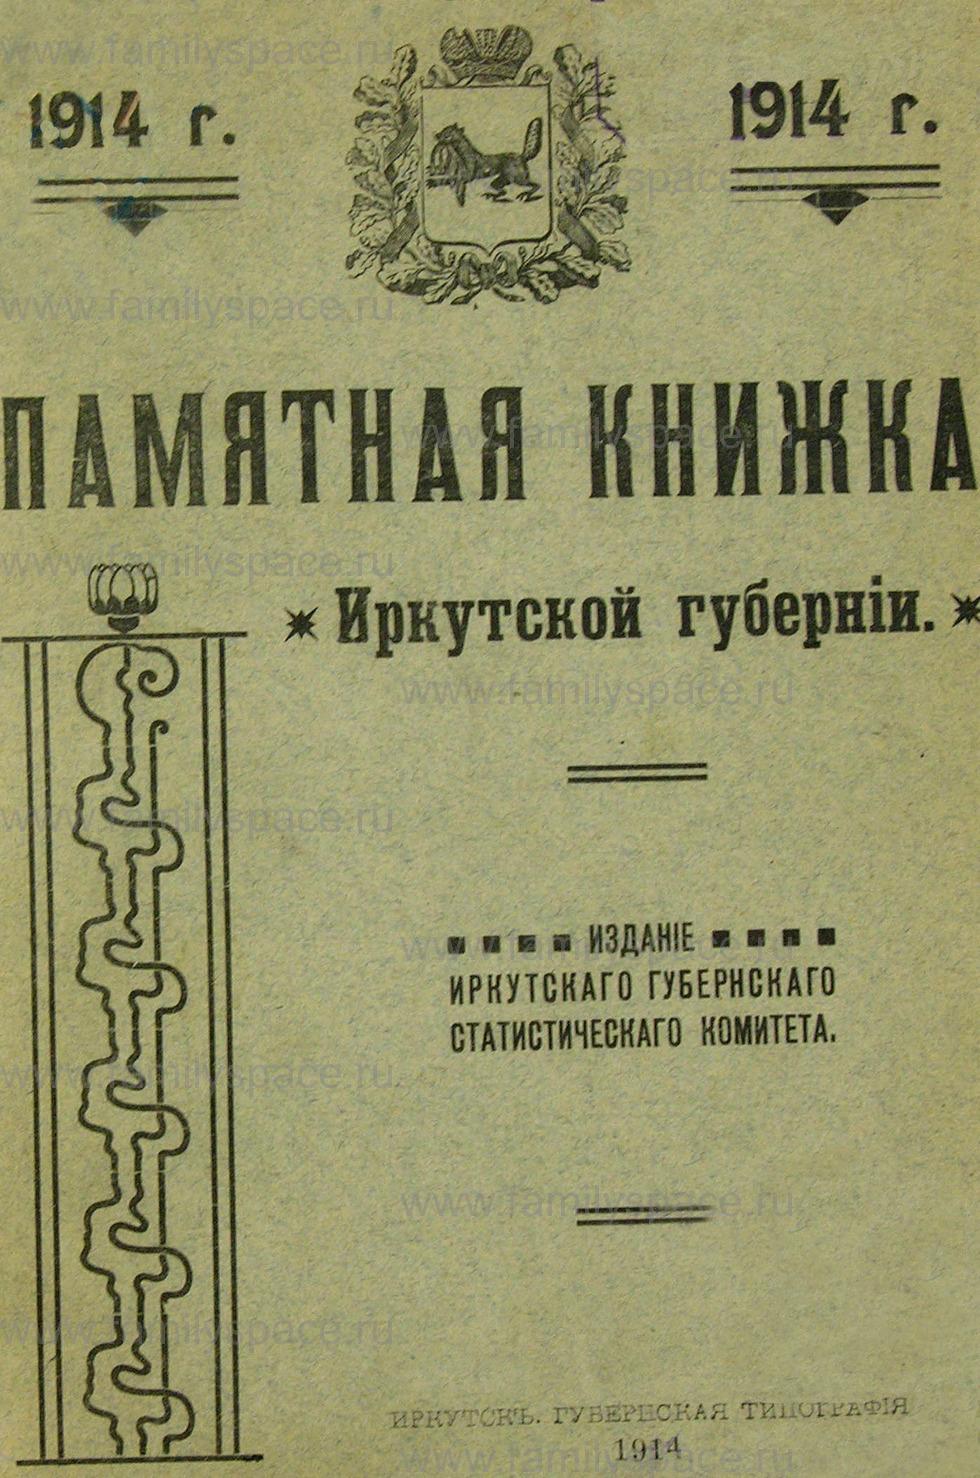 Поиск по фамилии - Памятная книжка Иркутской губернии на 1914 год, страница 1